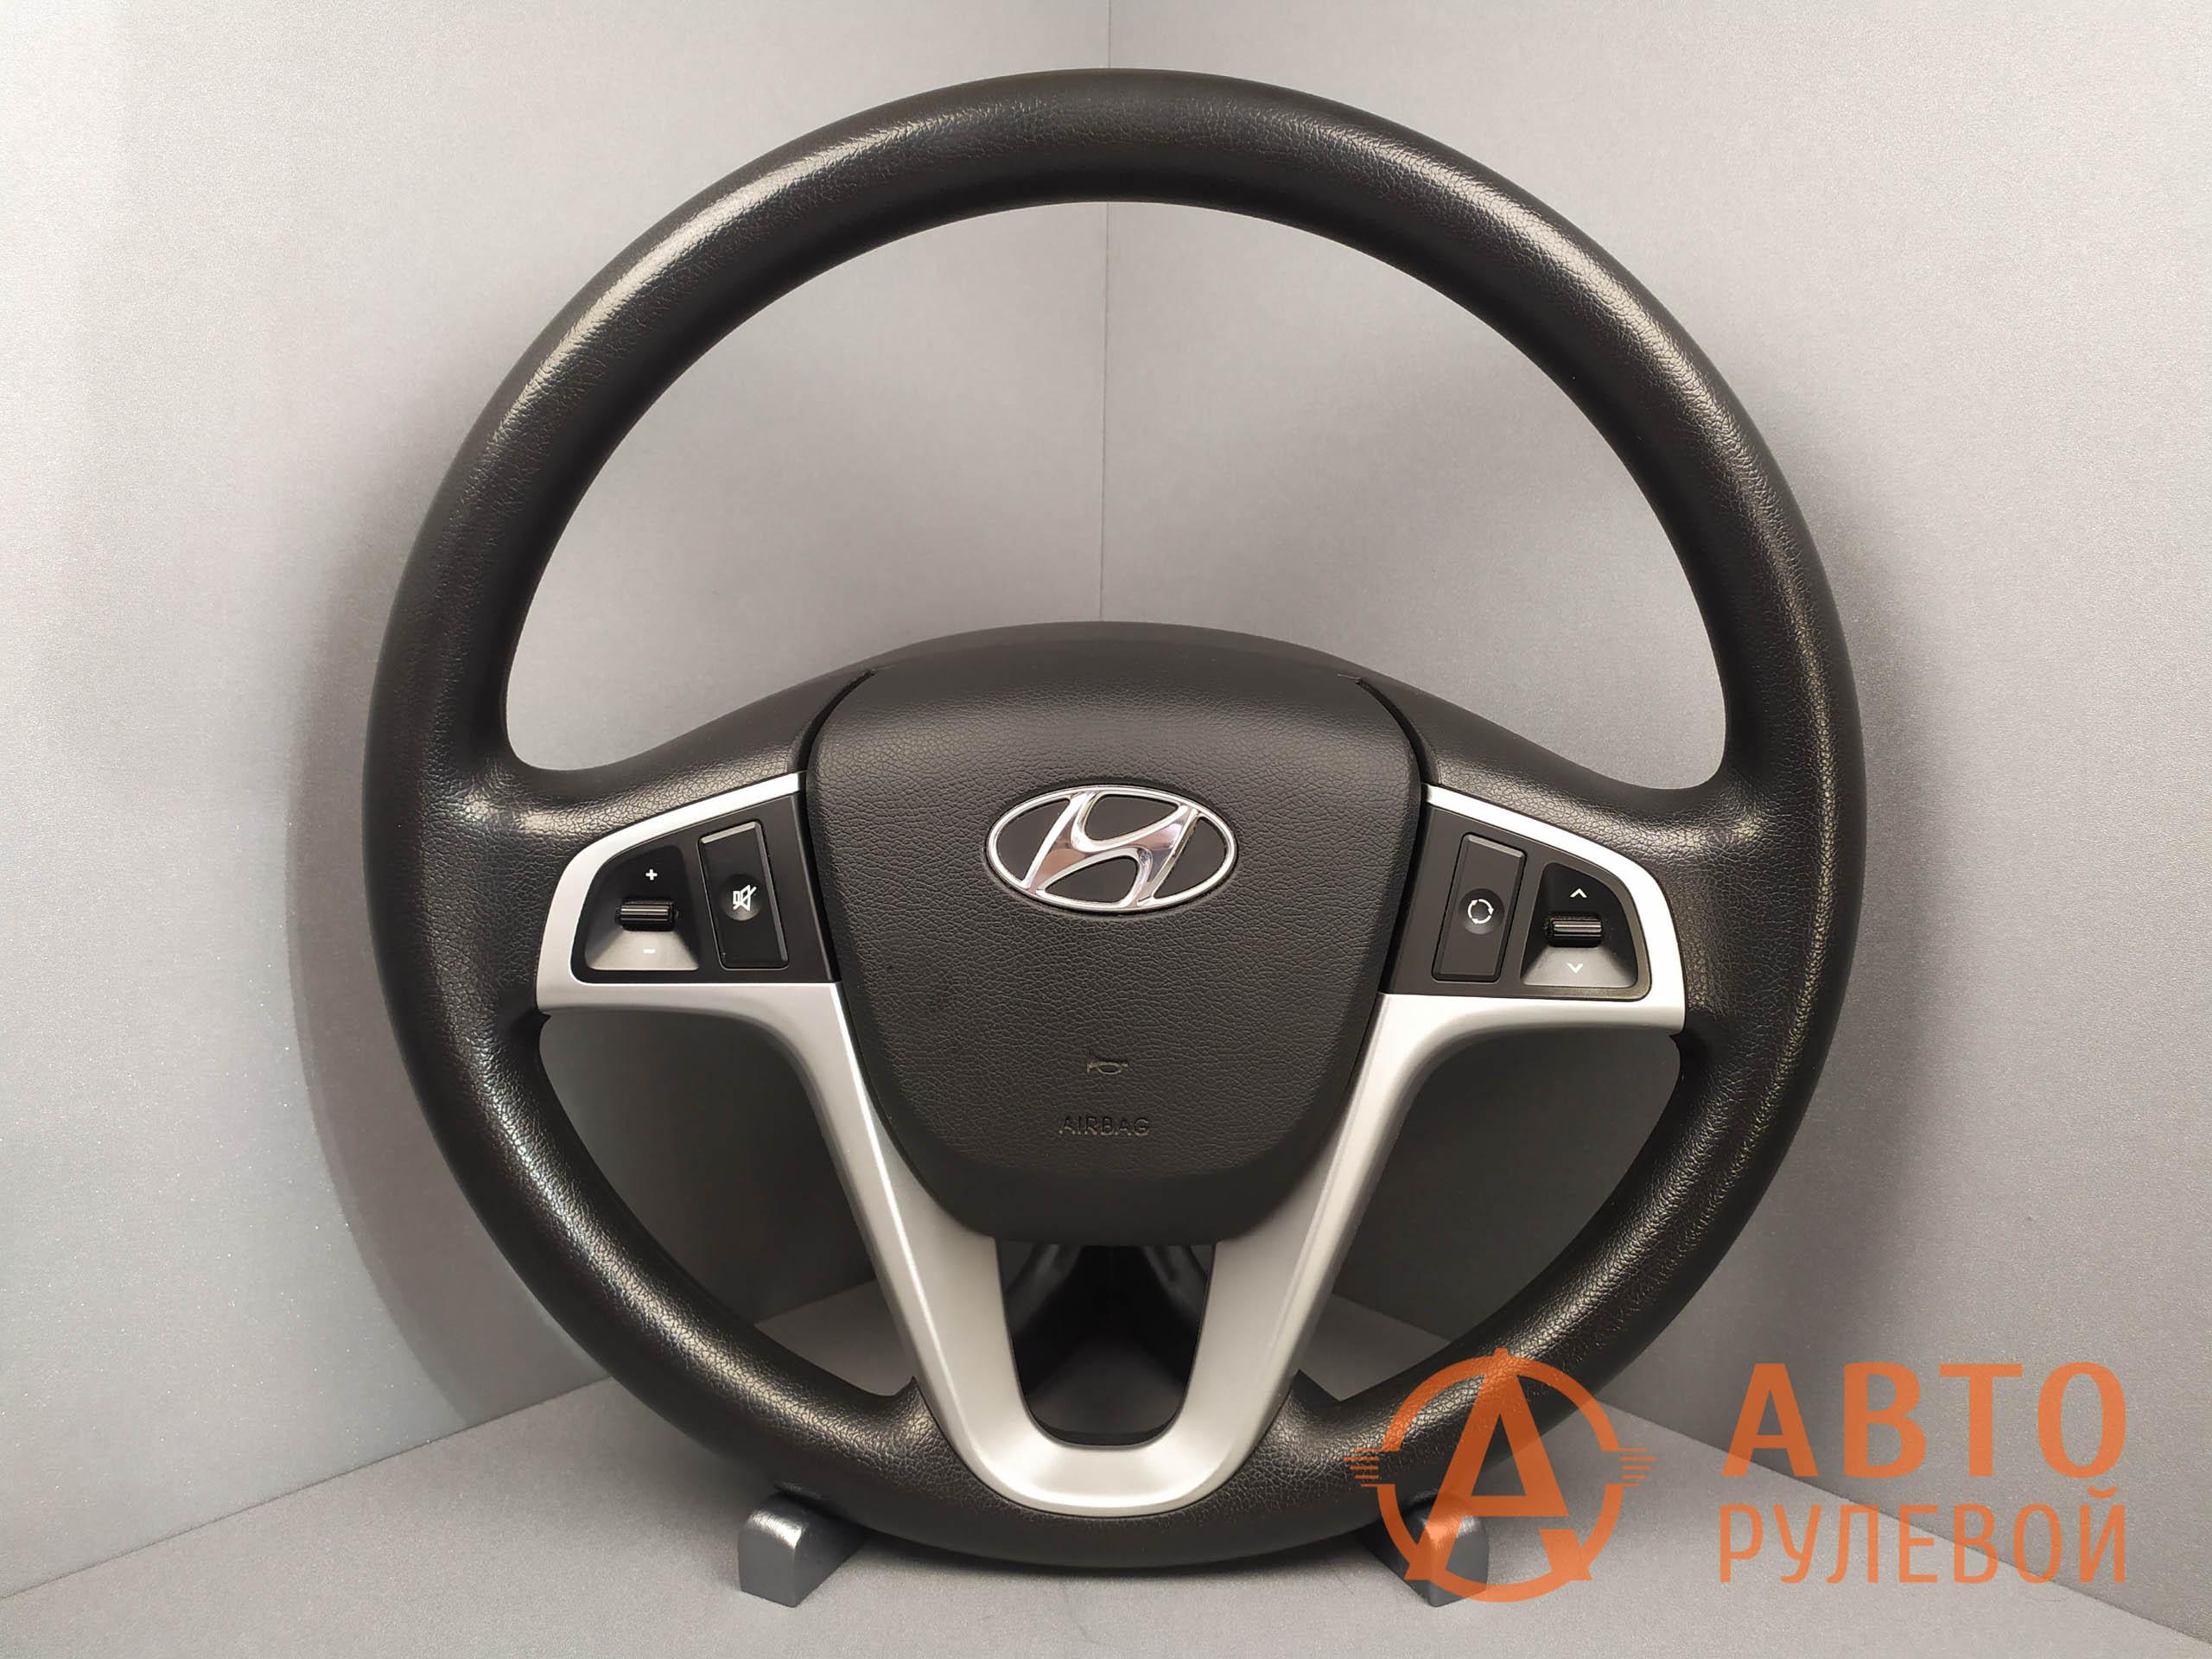 Руль Hyundai Solaris 1 поколение 2012 год до перетяжки